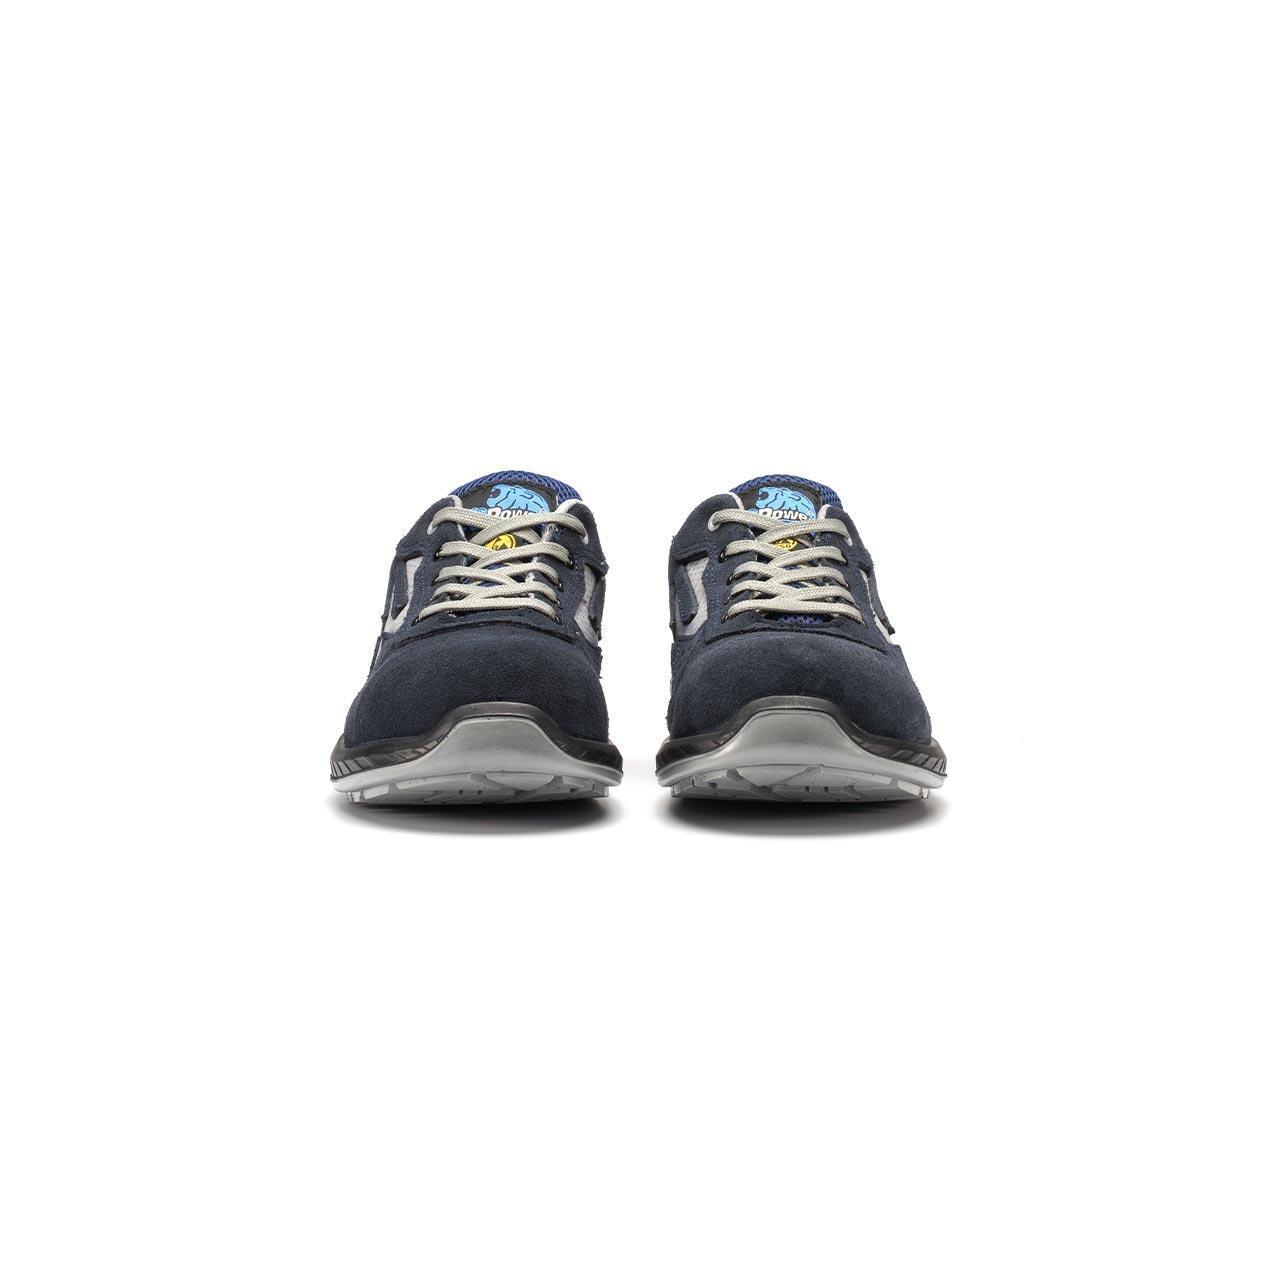 paio di scarpe antinfortunistiche upower modello berlino linea redindustry vista frontale